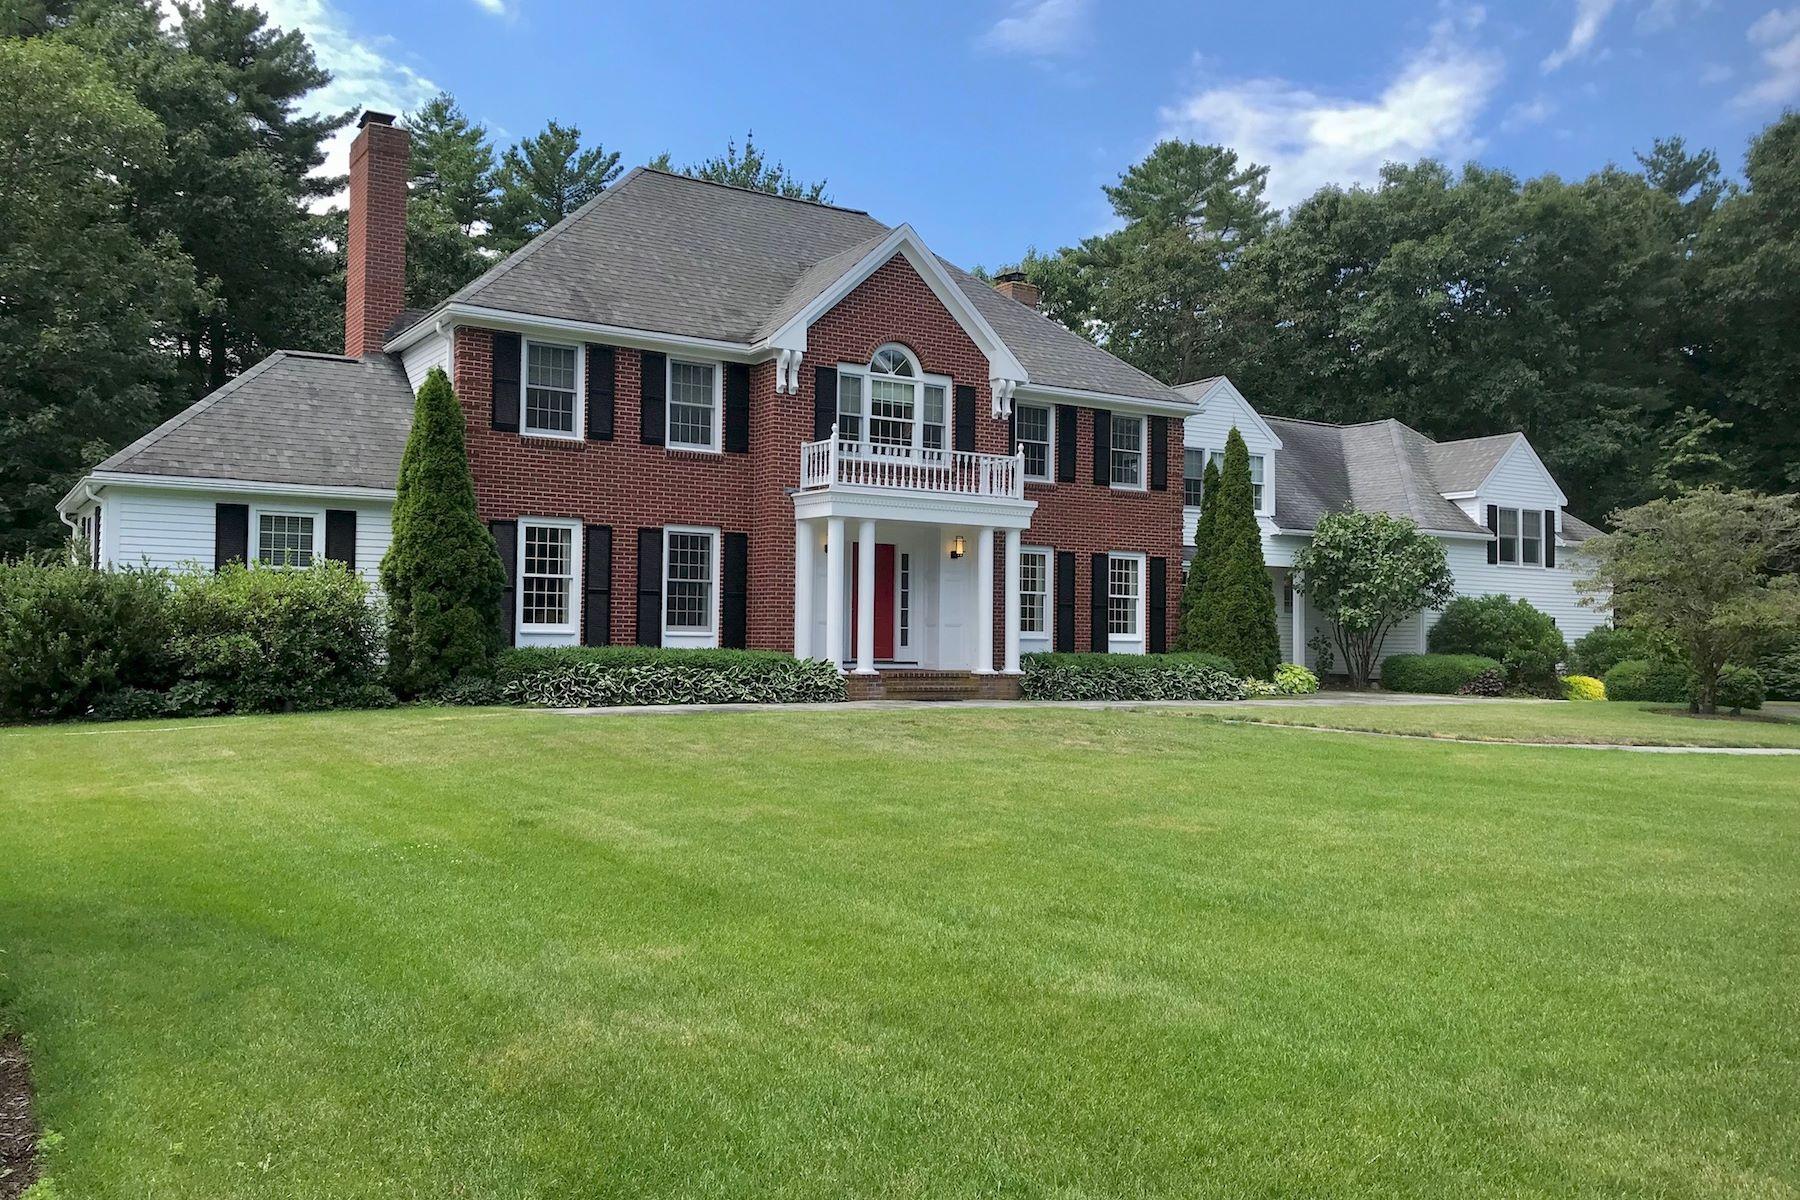 Single Family Homes for Sale at Timeless Georgian Inspired Residence 8 Charles Davis Dr Wenham, Massachusetts 01984 United States